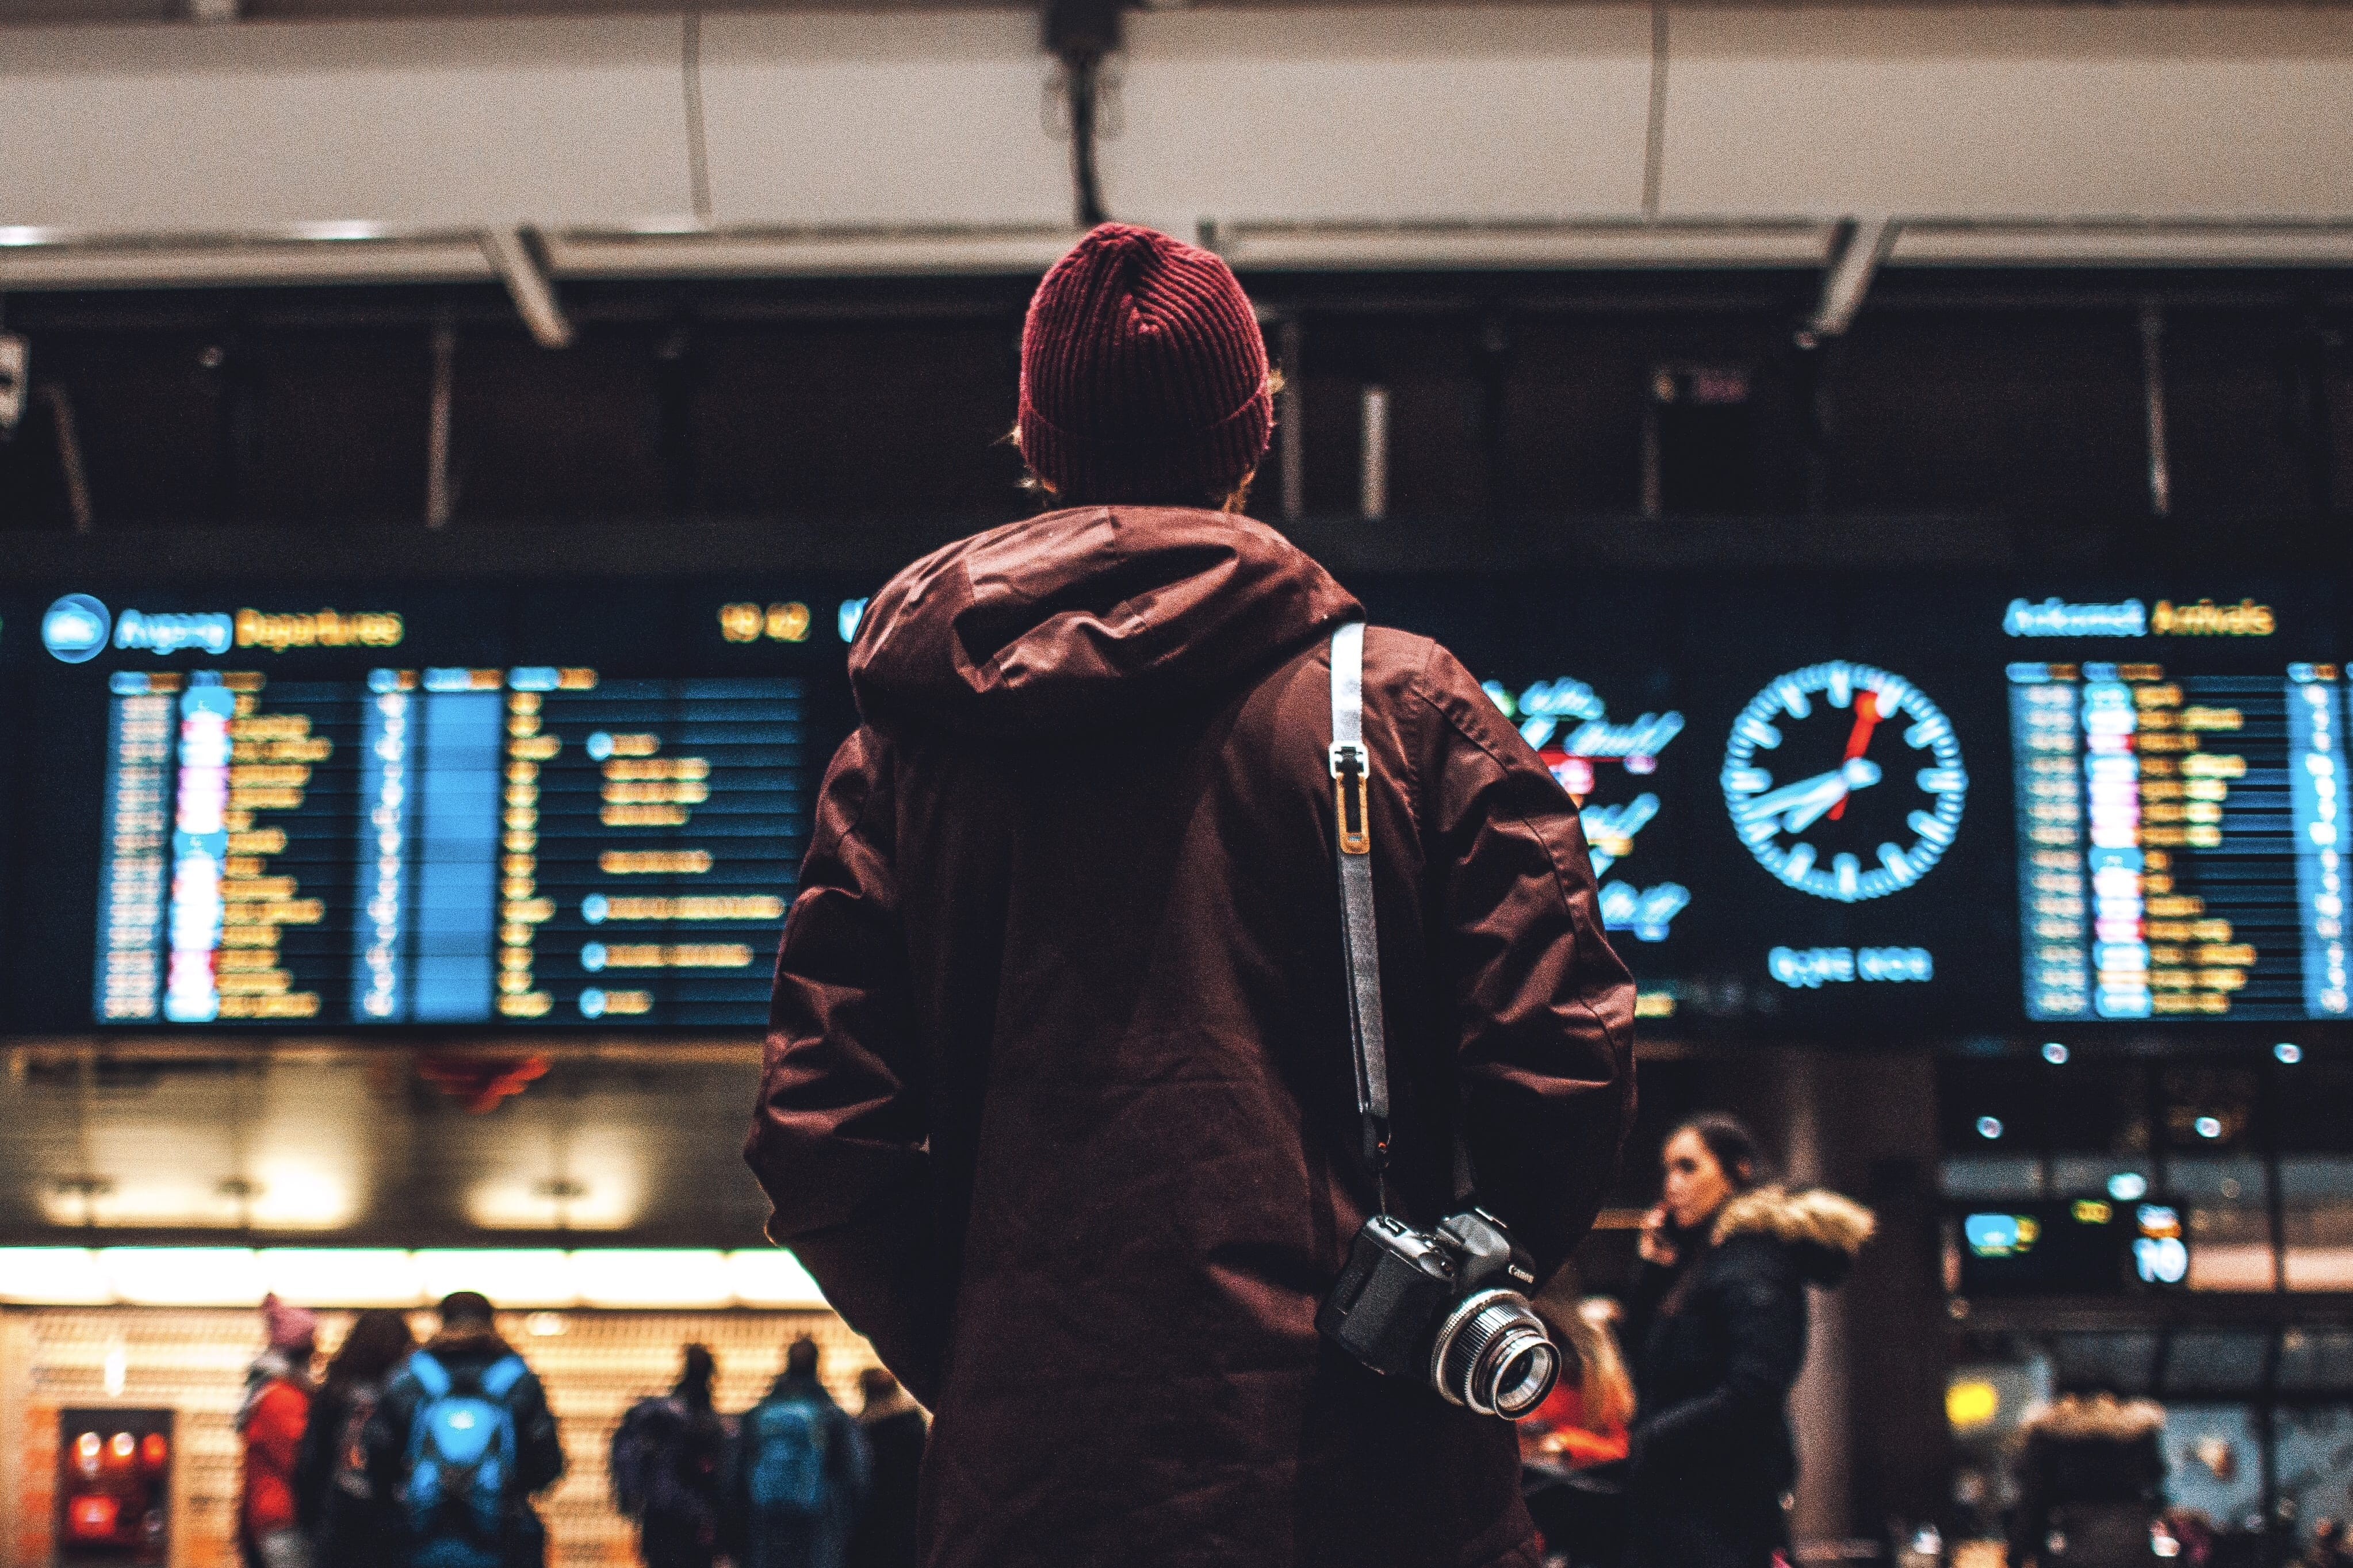 初めての海外旅行で気をつけること【準備・空港・旅先の注意点まとめ】